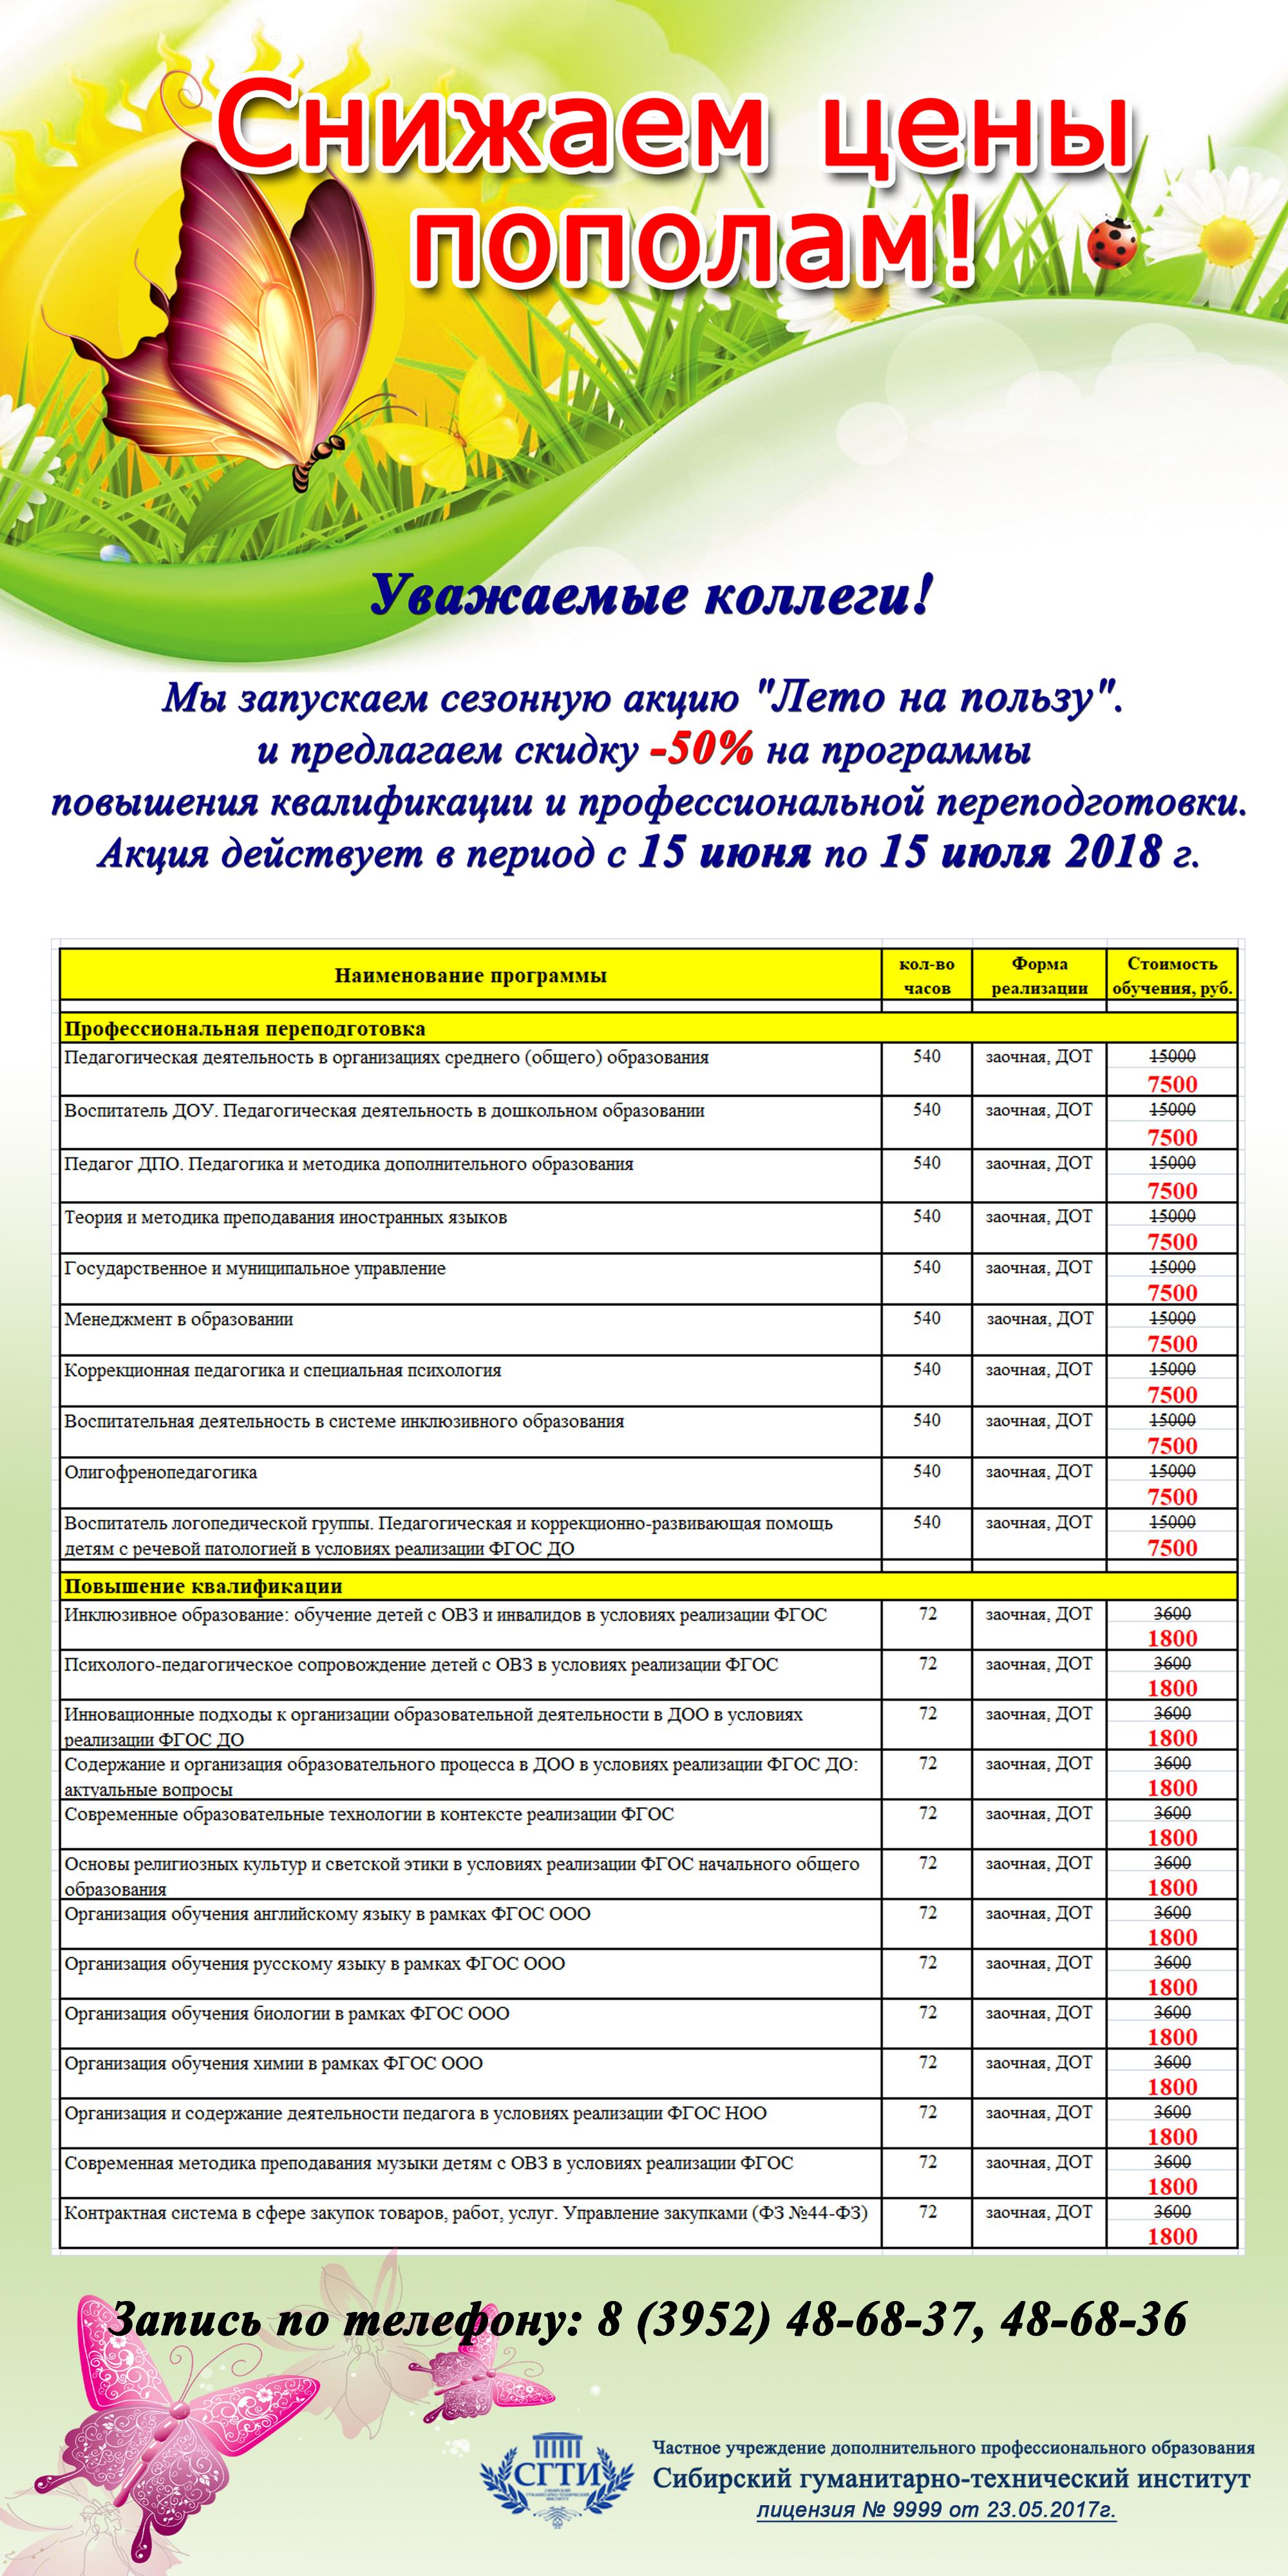 Повышение квалификации Иркутск